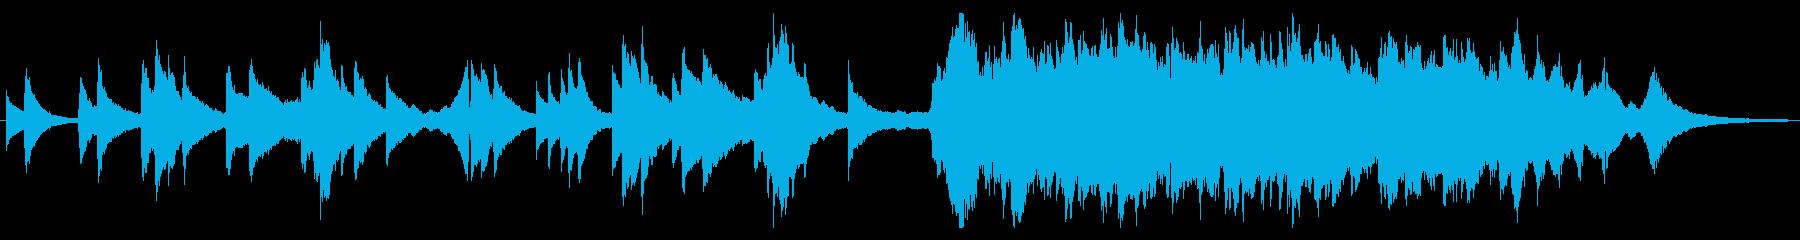 チェロとピアノの美しいインスト曲の再生済みの波形